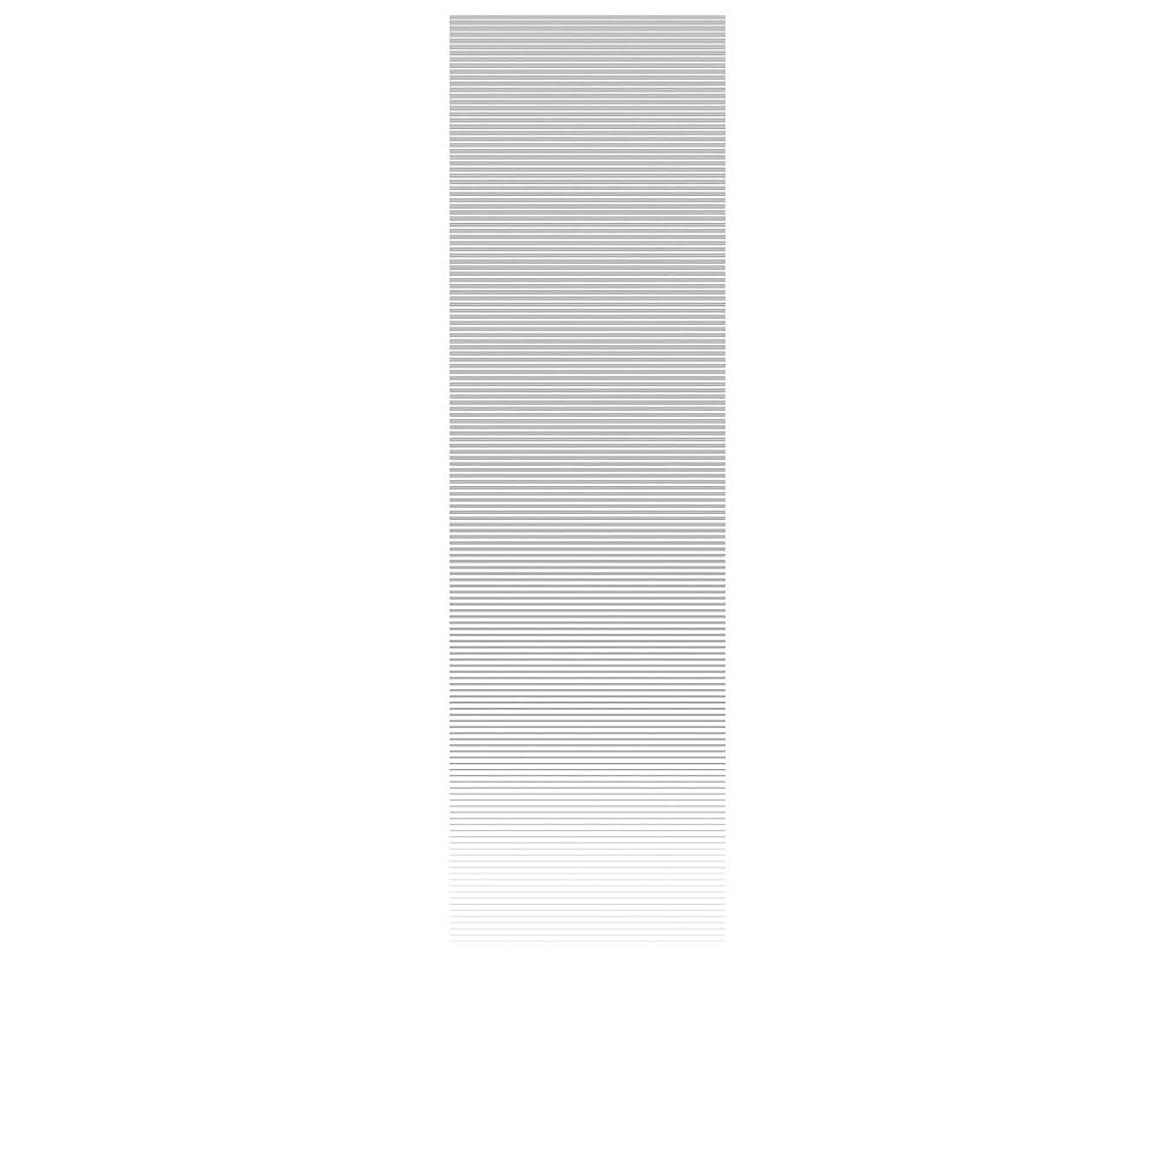 に応じてそう早めるサンゲツ クレアス ガラスフィルム 窓用フィルム 目隠しシート 外貼り用フィルム ホライズンEX (GF1850) 【長さ1m×注文数】 巾1250mm [飛散防止?UVカット?防虫忌避?外貼り可]